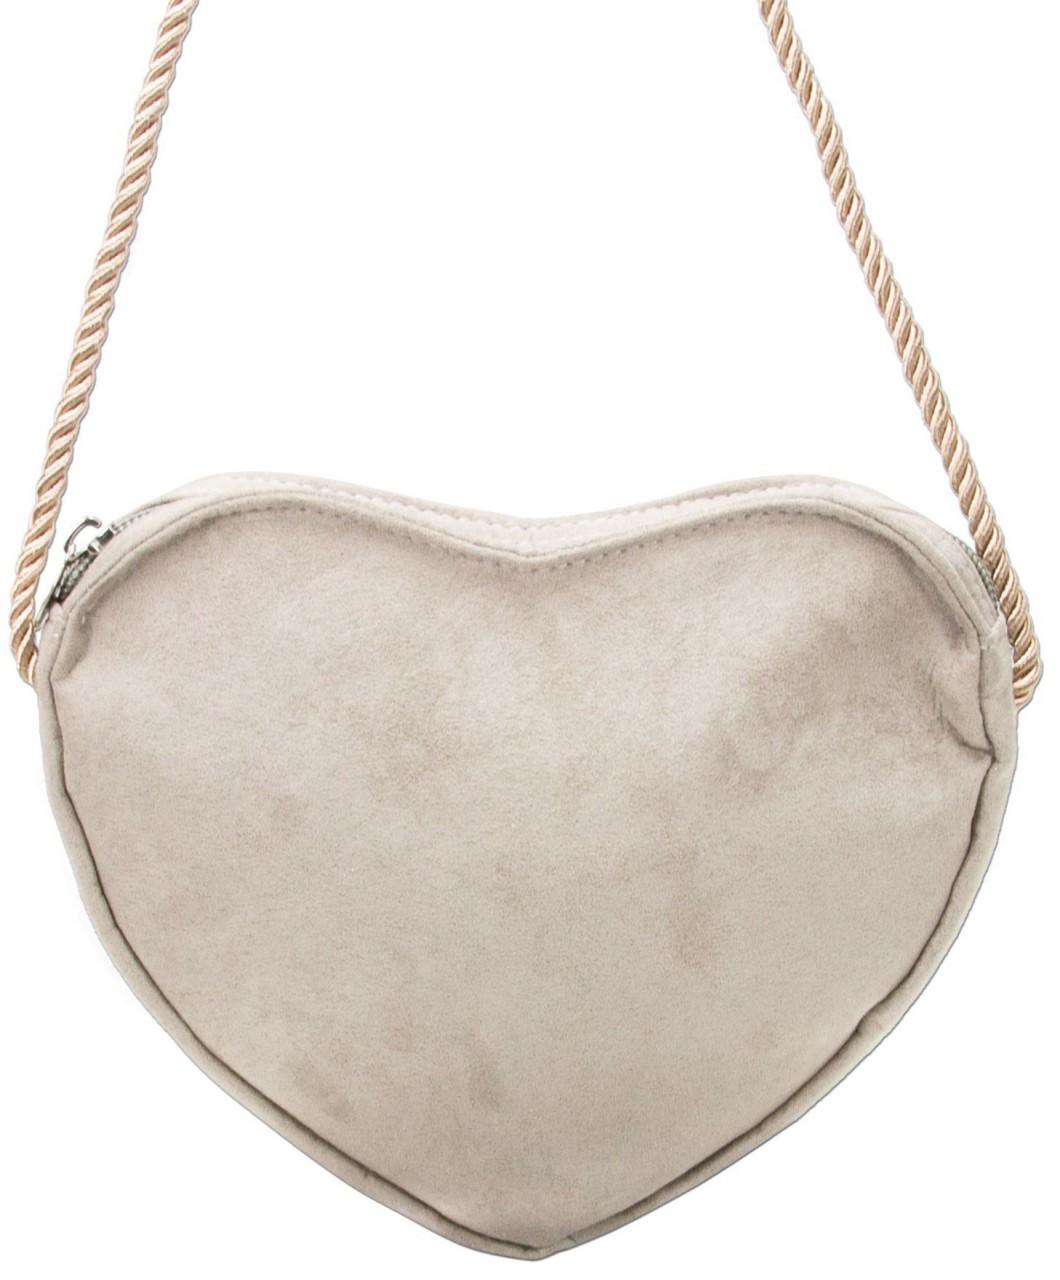 Herztasche Trachtentasche beige